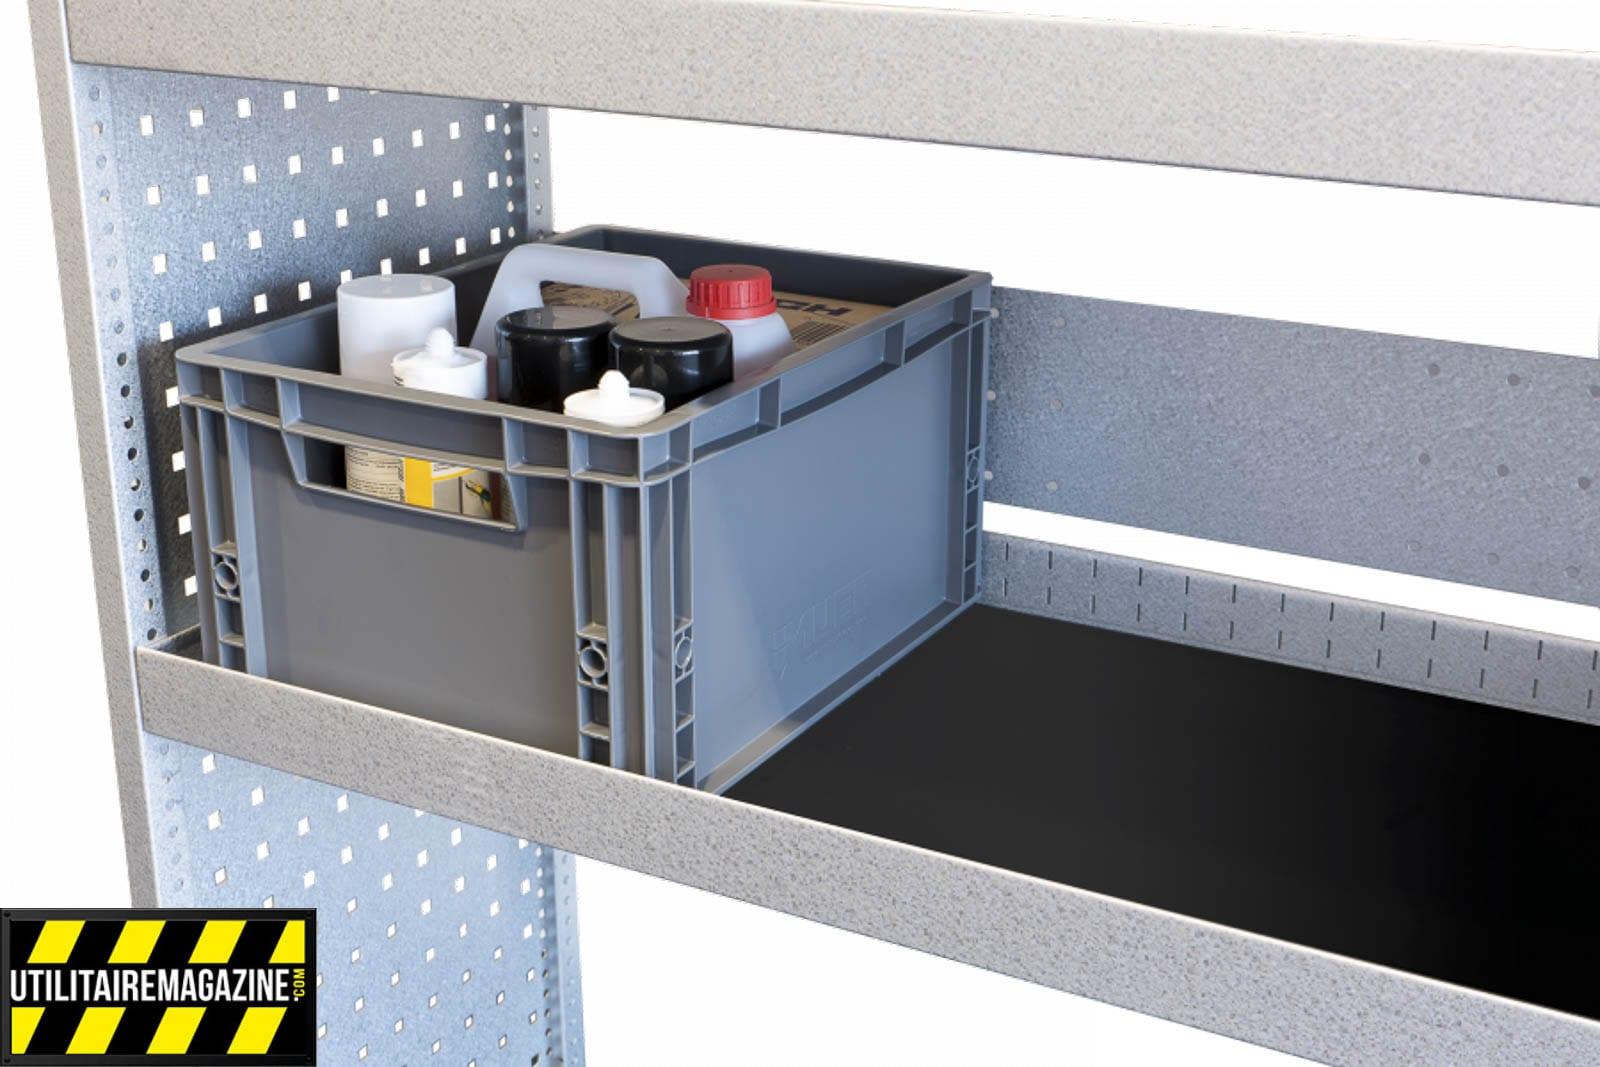 Il est possible d'intégrer des boites de rangement dans différents formats